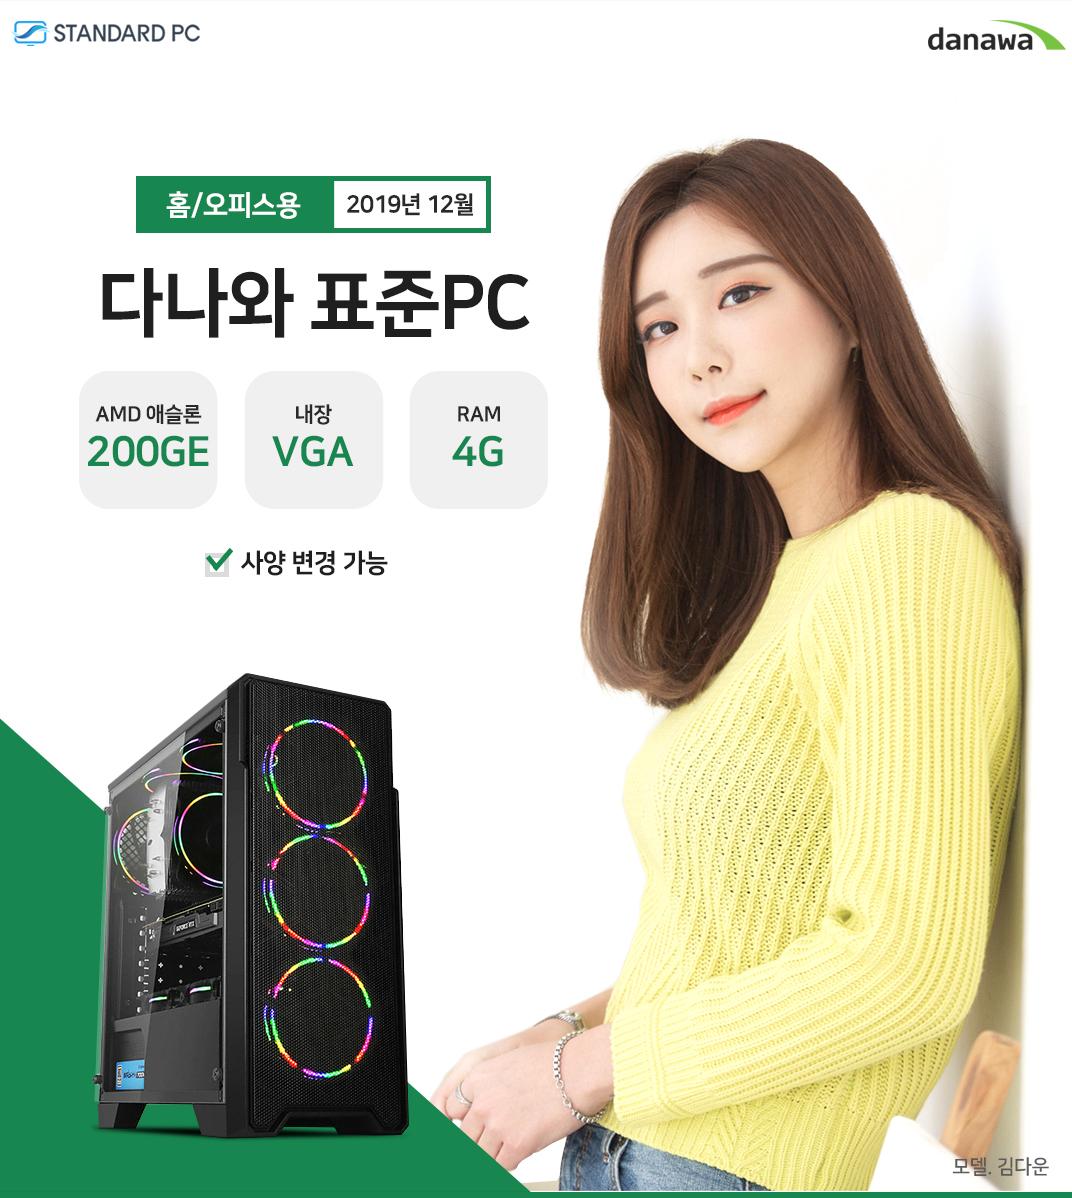 2019년 12월 다나와 표준PC 홈/오피스용 AMD 애슬론 200GE 내장 VGA RAM 4G 모델 김다운